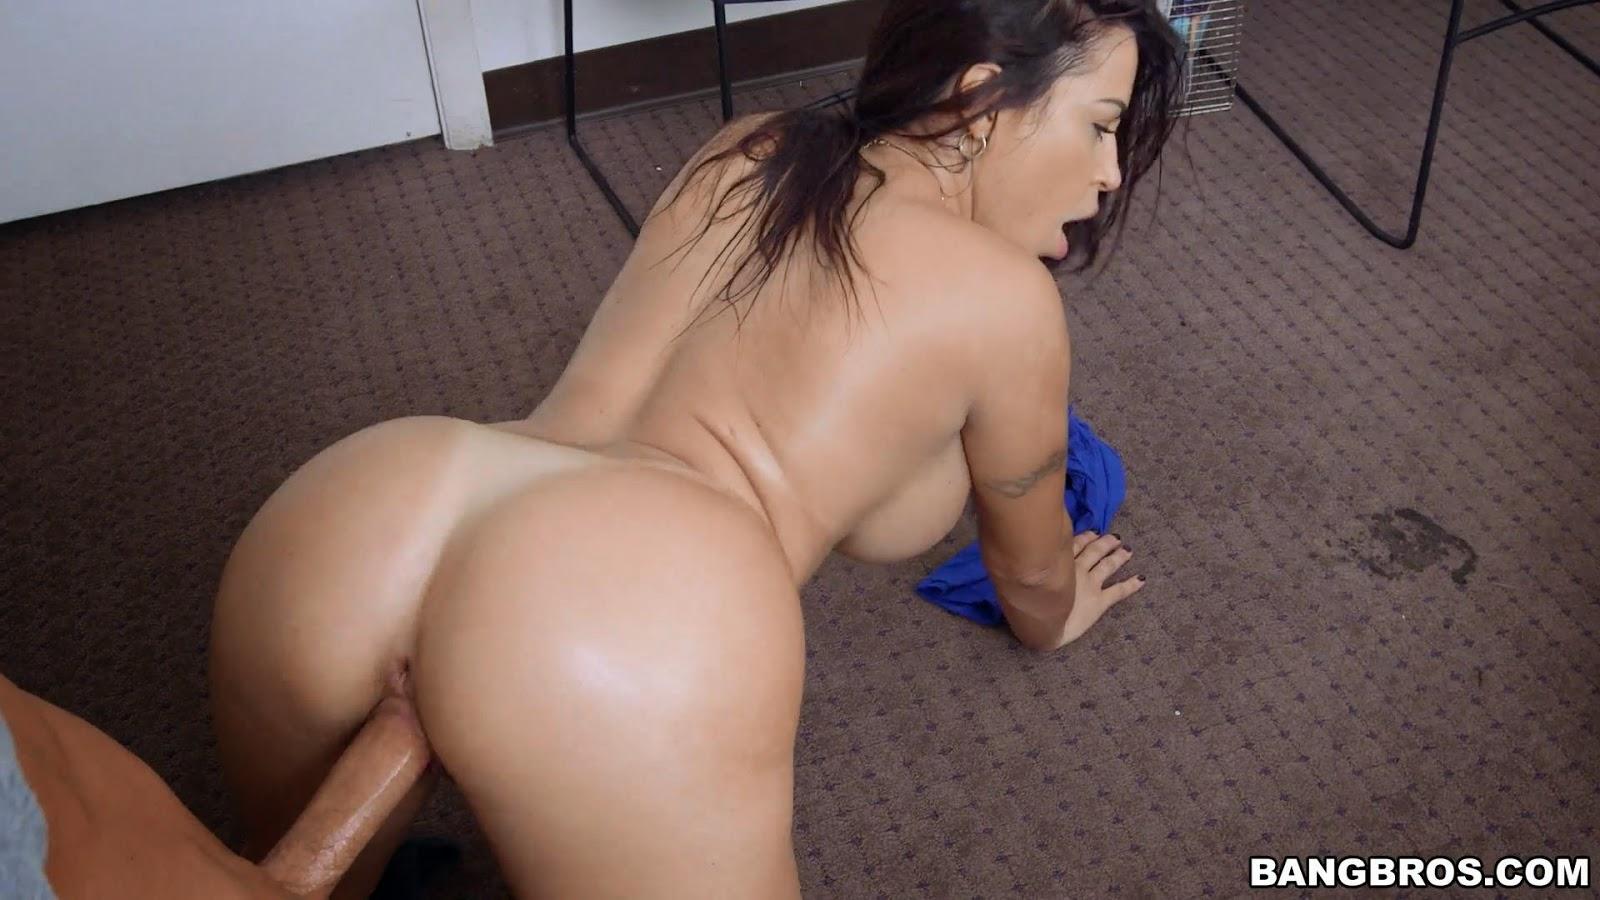 Julianna vega anal